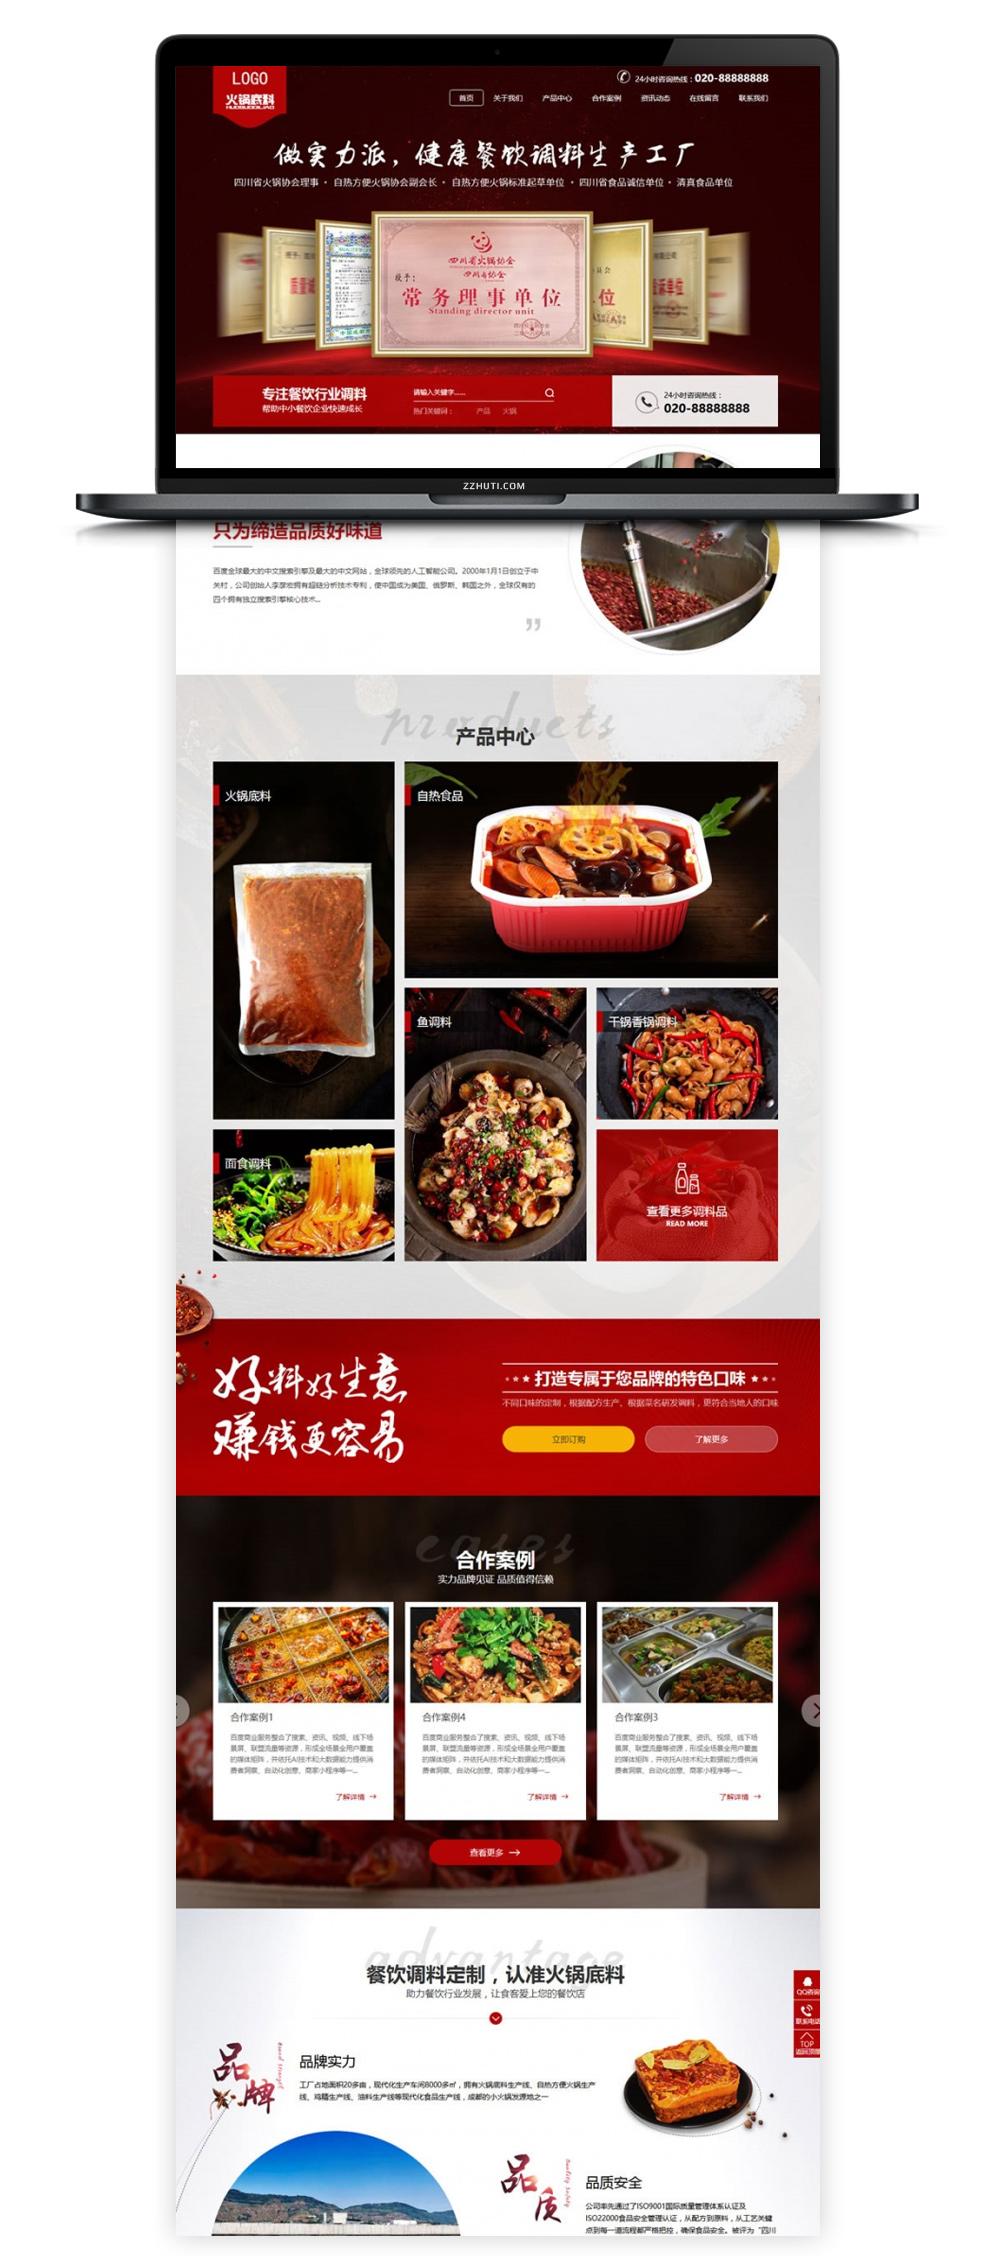 【织梦餐饮营销型网站模板】DEDECMS高端火锅餐饮调料食品营销型企业站源码[自适应手机wap]-酷网站源码